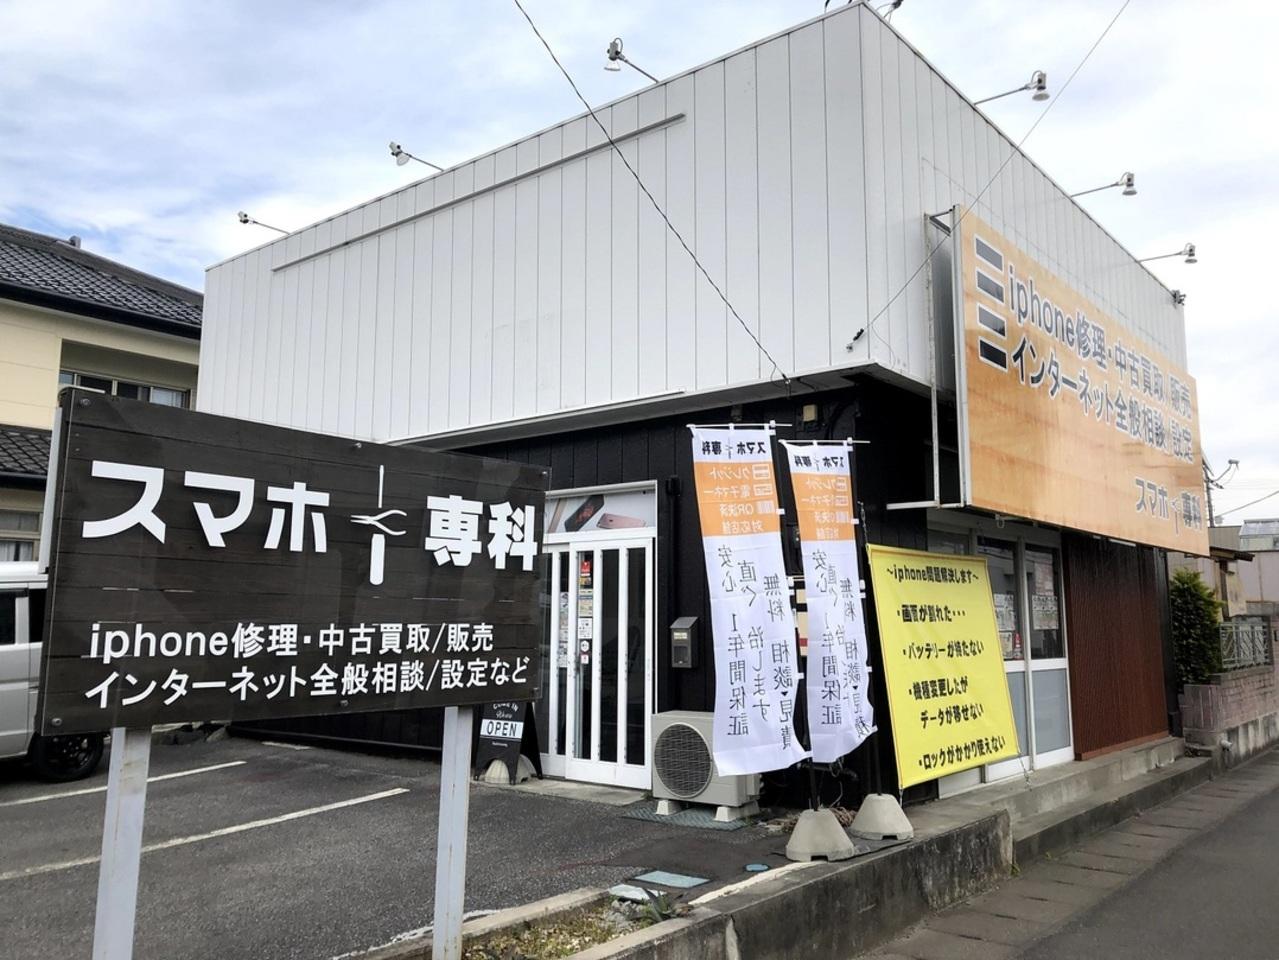 9204スマホ 専科 佐野店